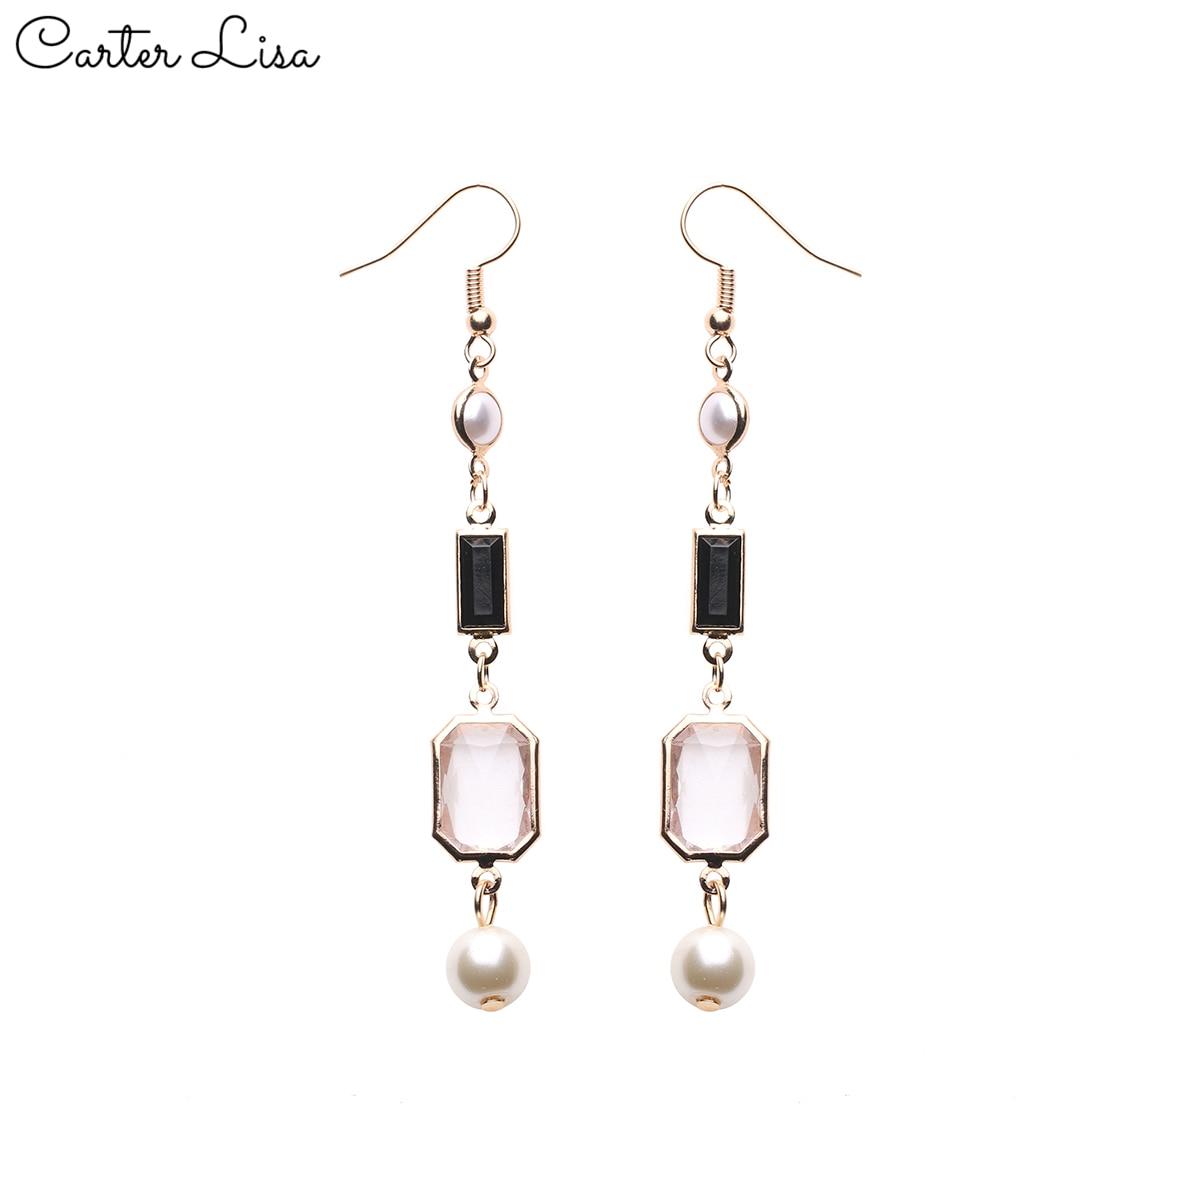 CARTER LISA 2019 New Selling Fashion Women's Fashion Long Elegant Crystal Rhinestone Dangle Ear Drop Earrings Jewelry HDEA-071